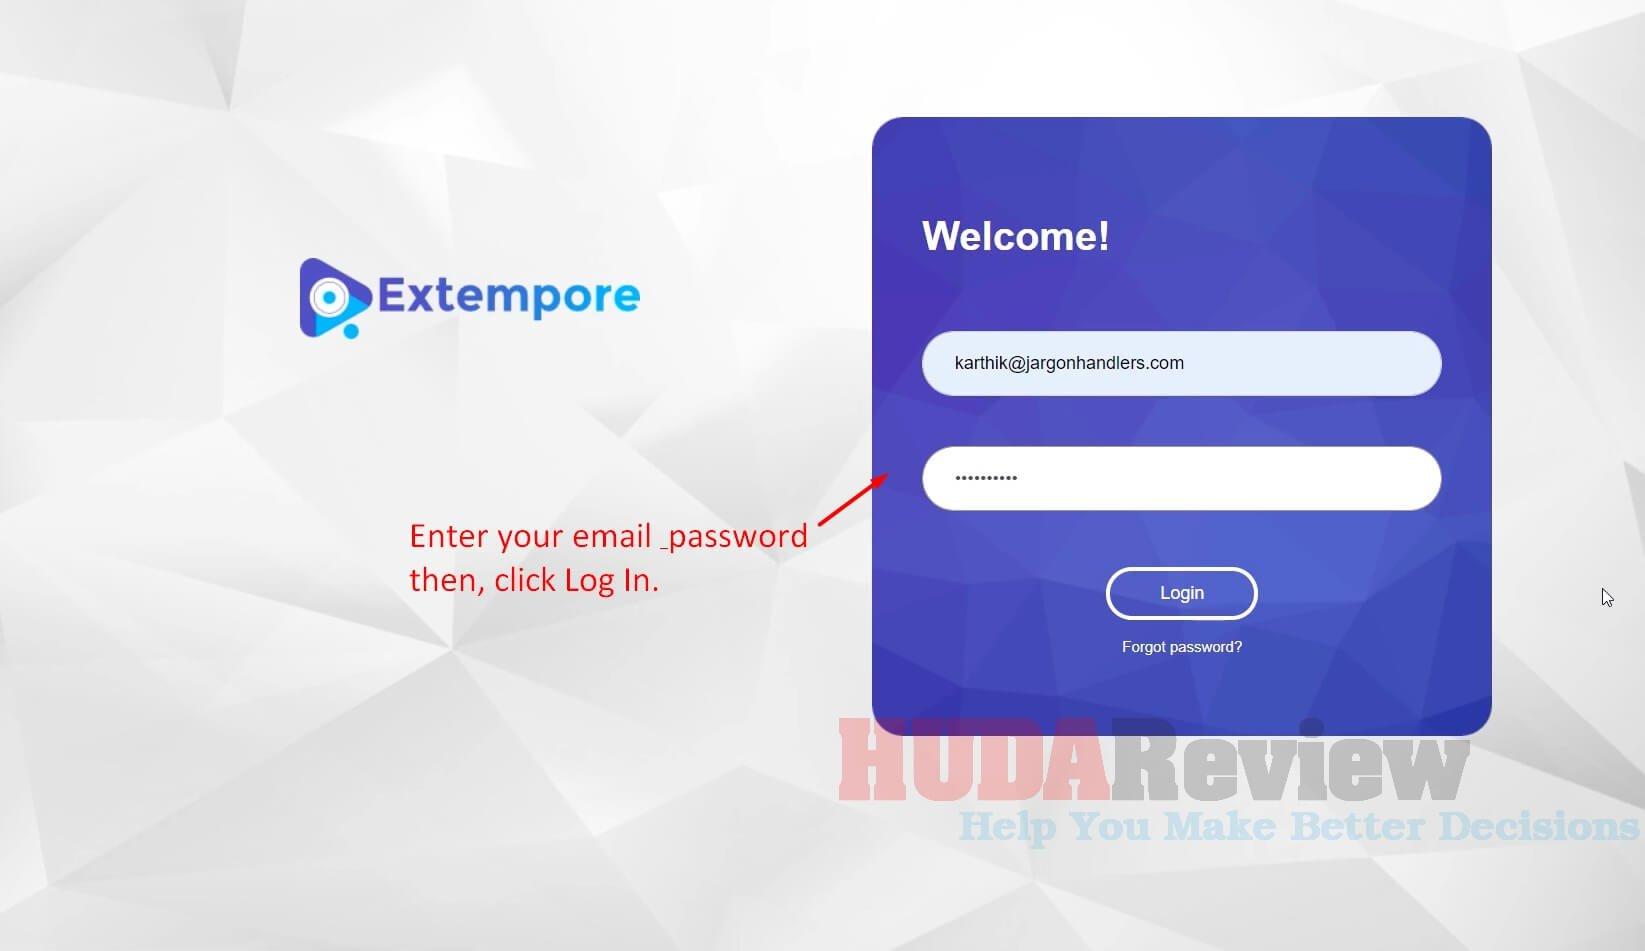 Extempore-Review-1